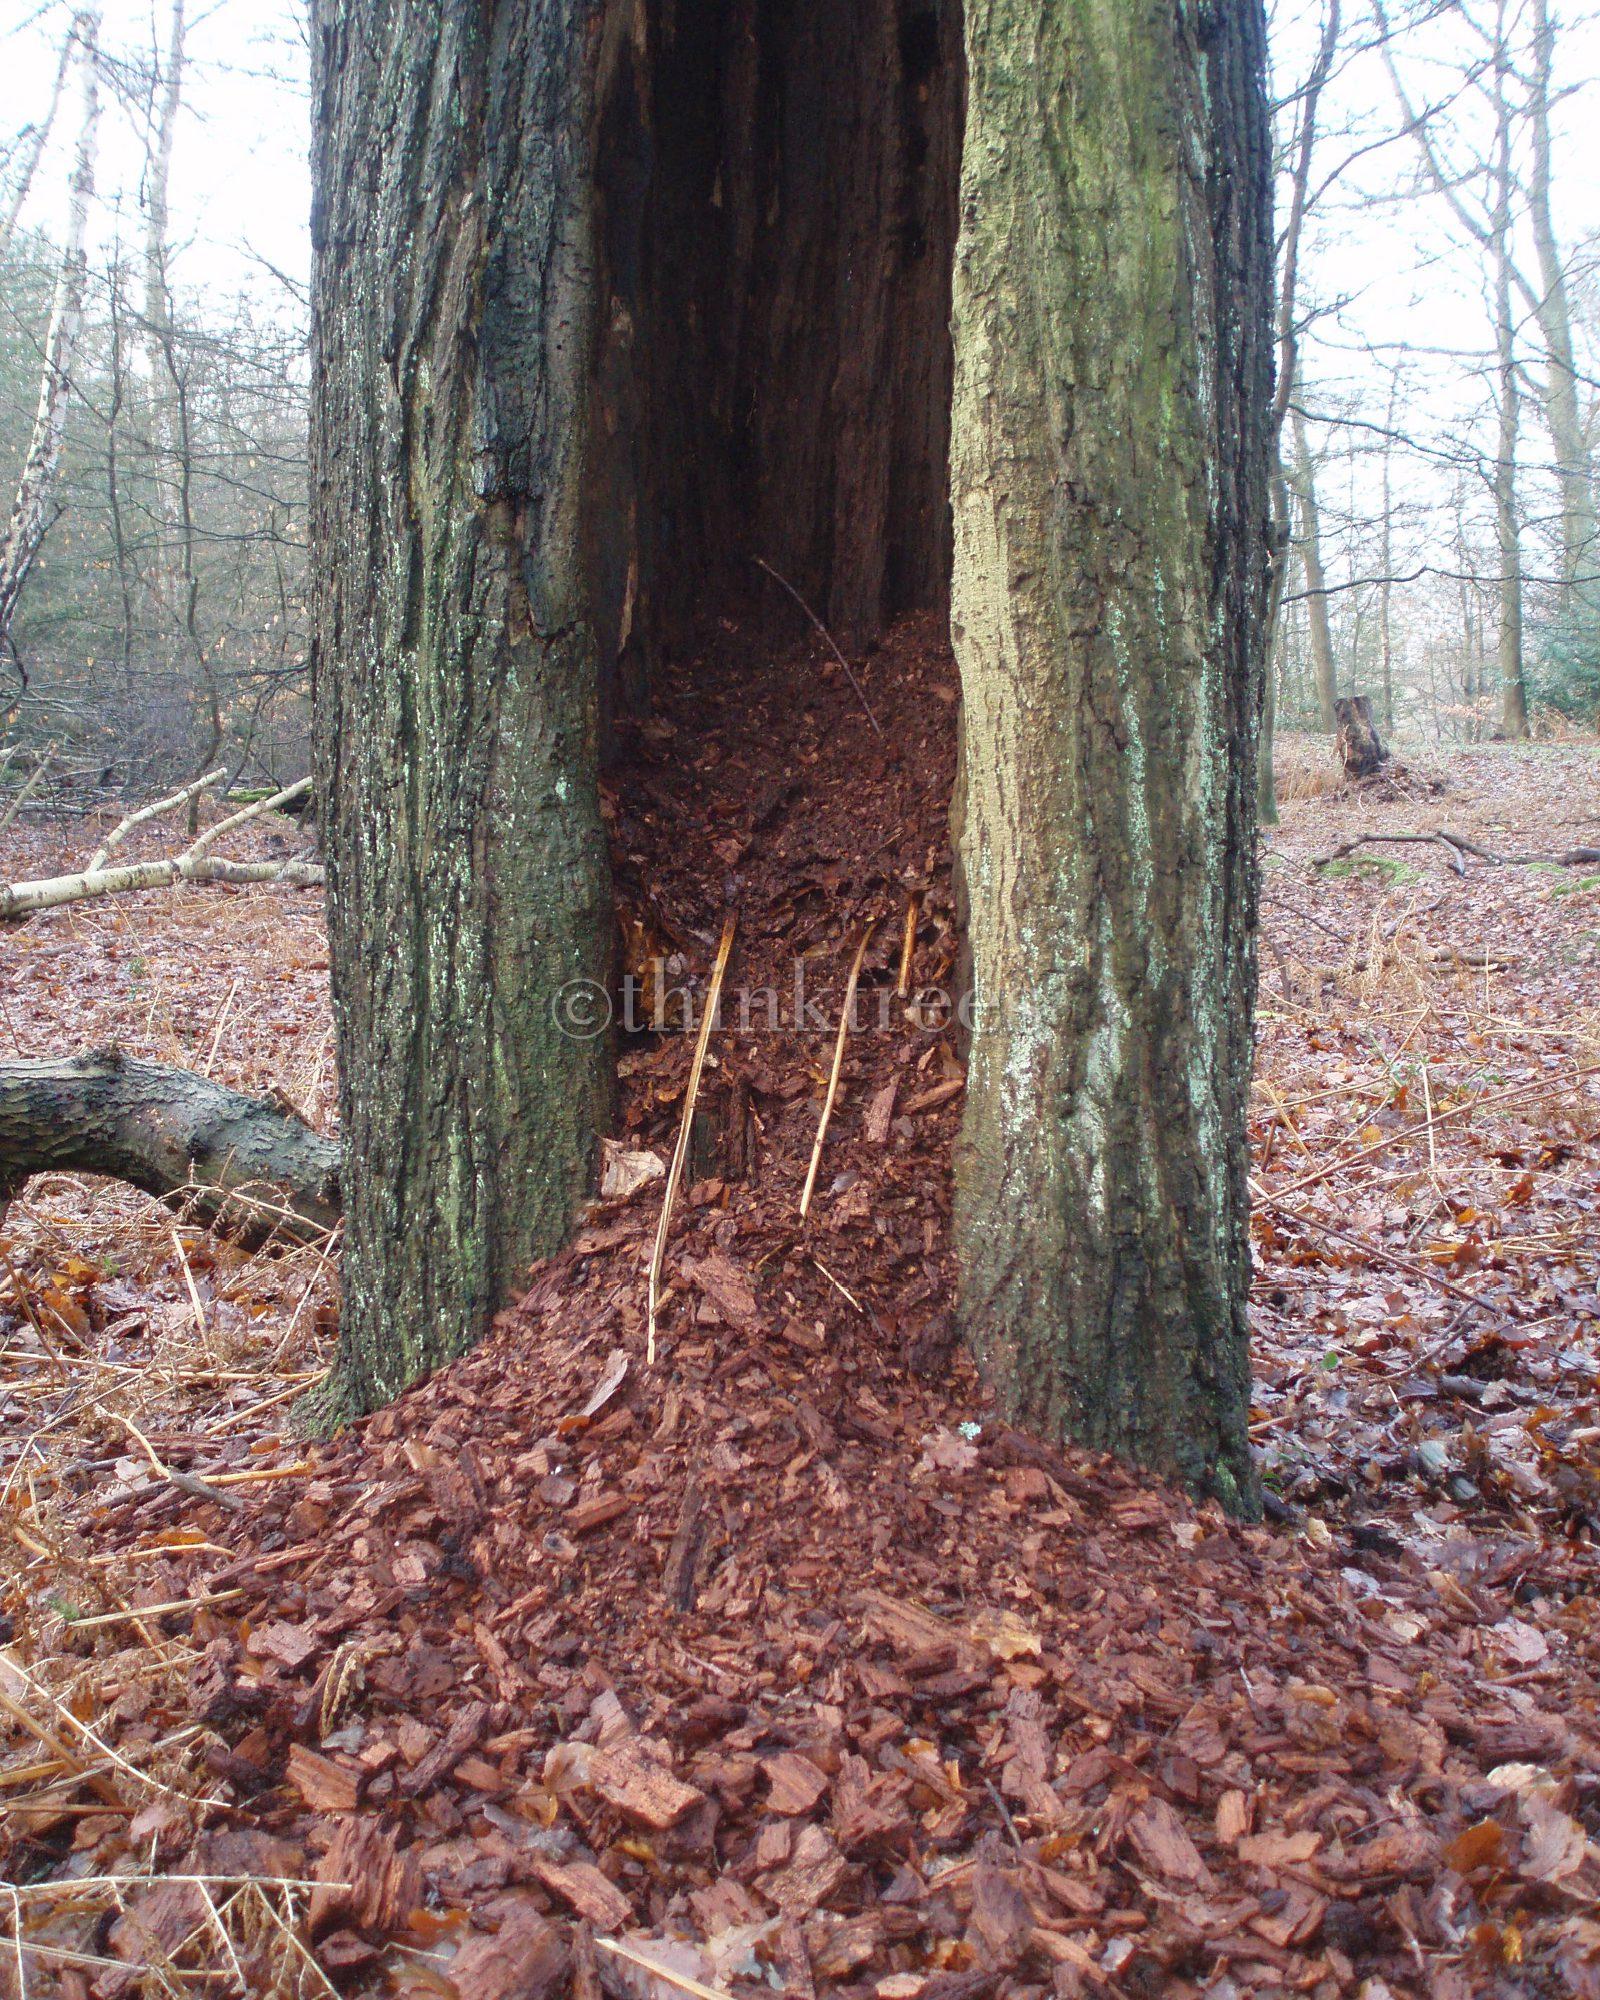 The hollow trunk of a veteran beech pollard at Burnham Beeches, Buckinghamshire